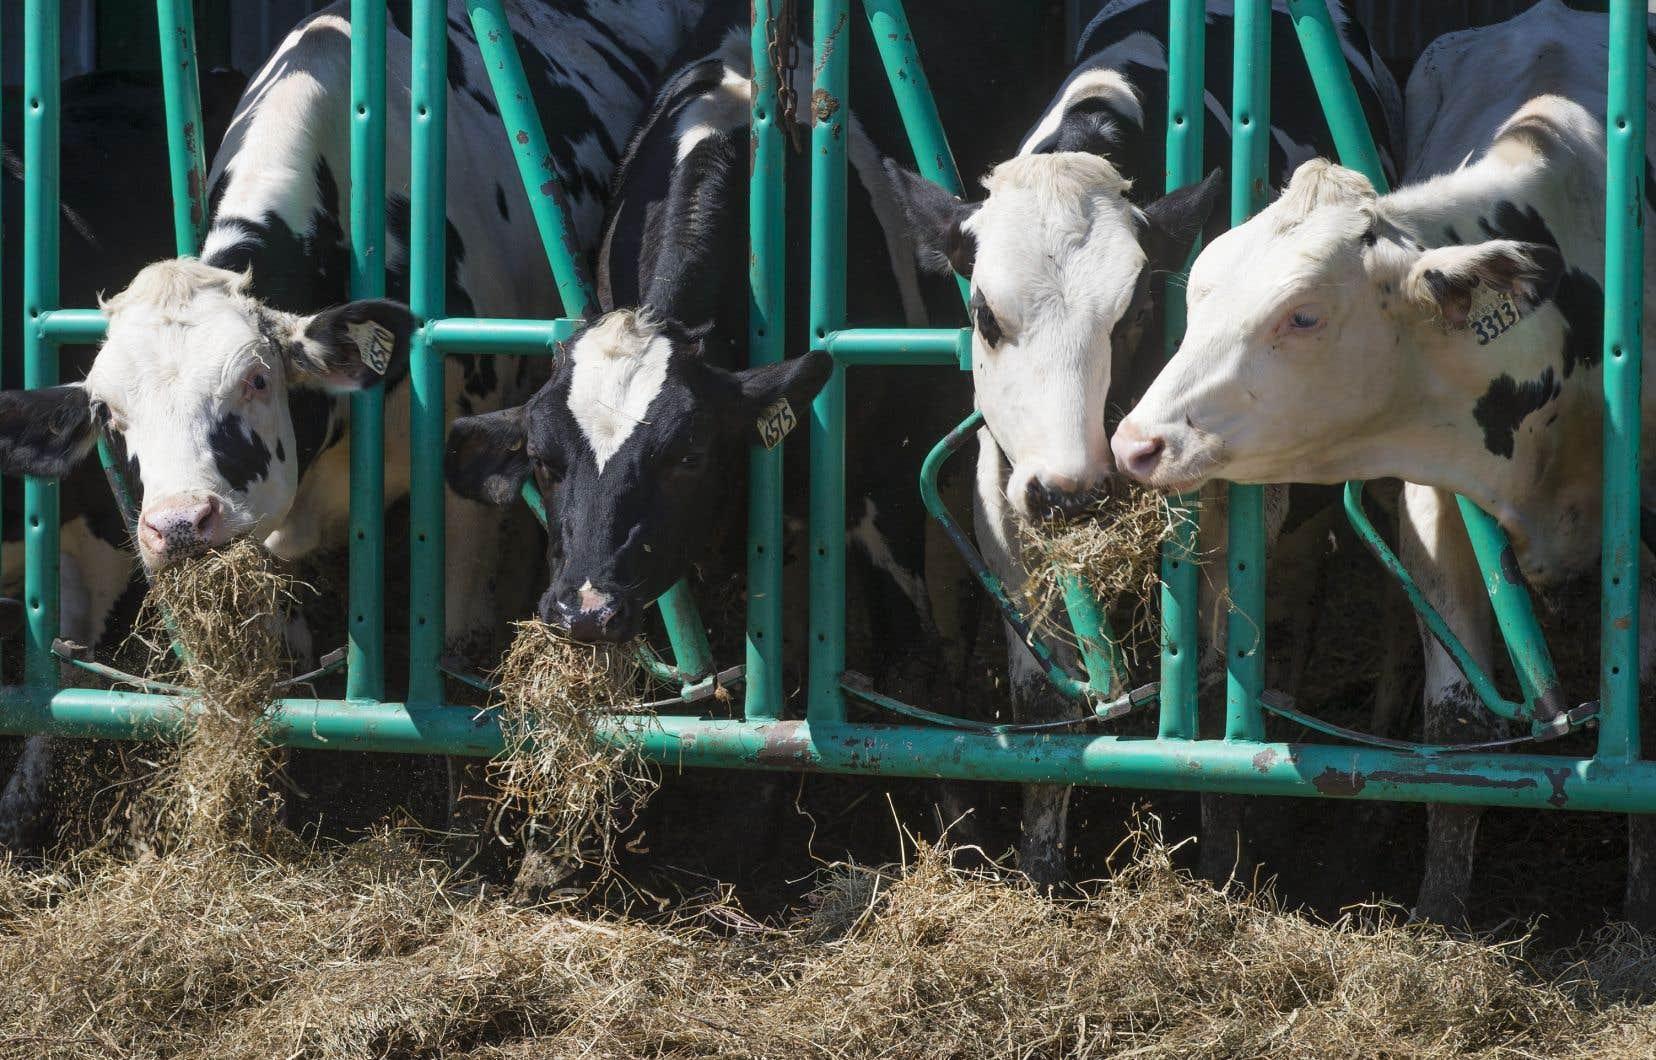 Même si la consommation de produits laitiers est en hausse de près de 20% la consommation de lait par habitant aux États-Unis a diminué de 40% par habitant depuis 1975.